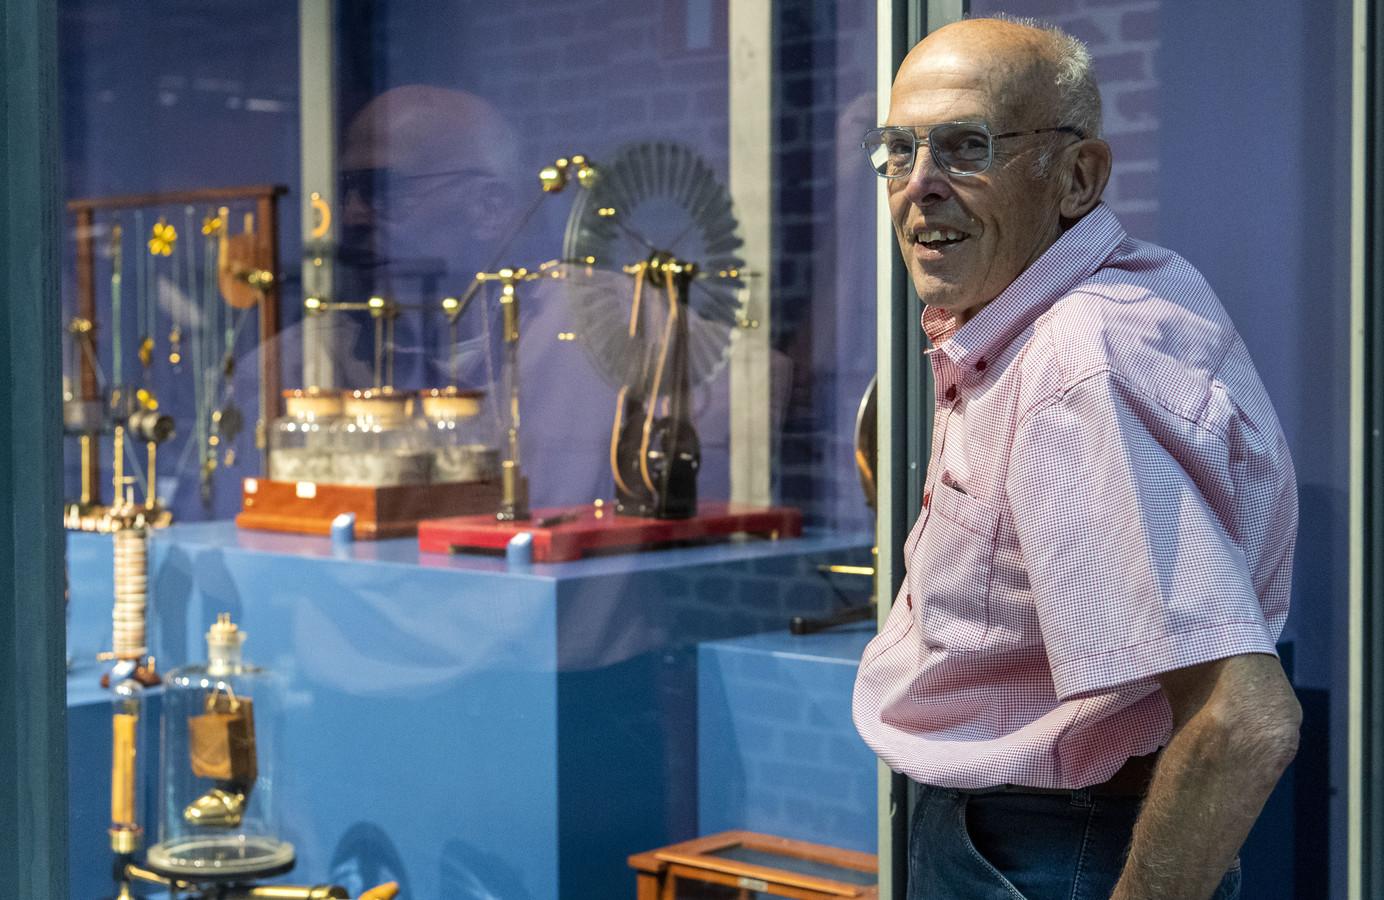 Ben Kamphuis verzamelde en restaureerde meer dan 450 historische natuurkunde-instrumenten. Zijn verzameling is nu te zien in De Museumfabriek in Enschede.